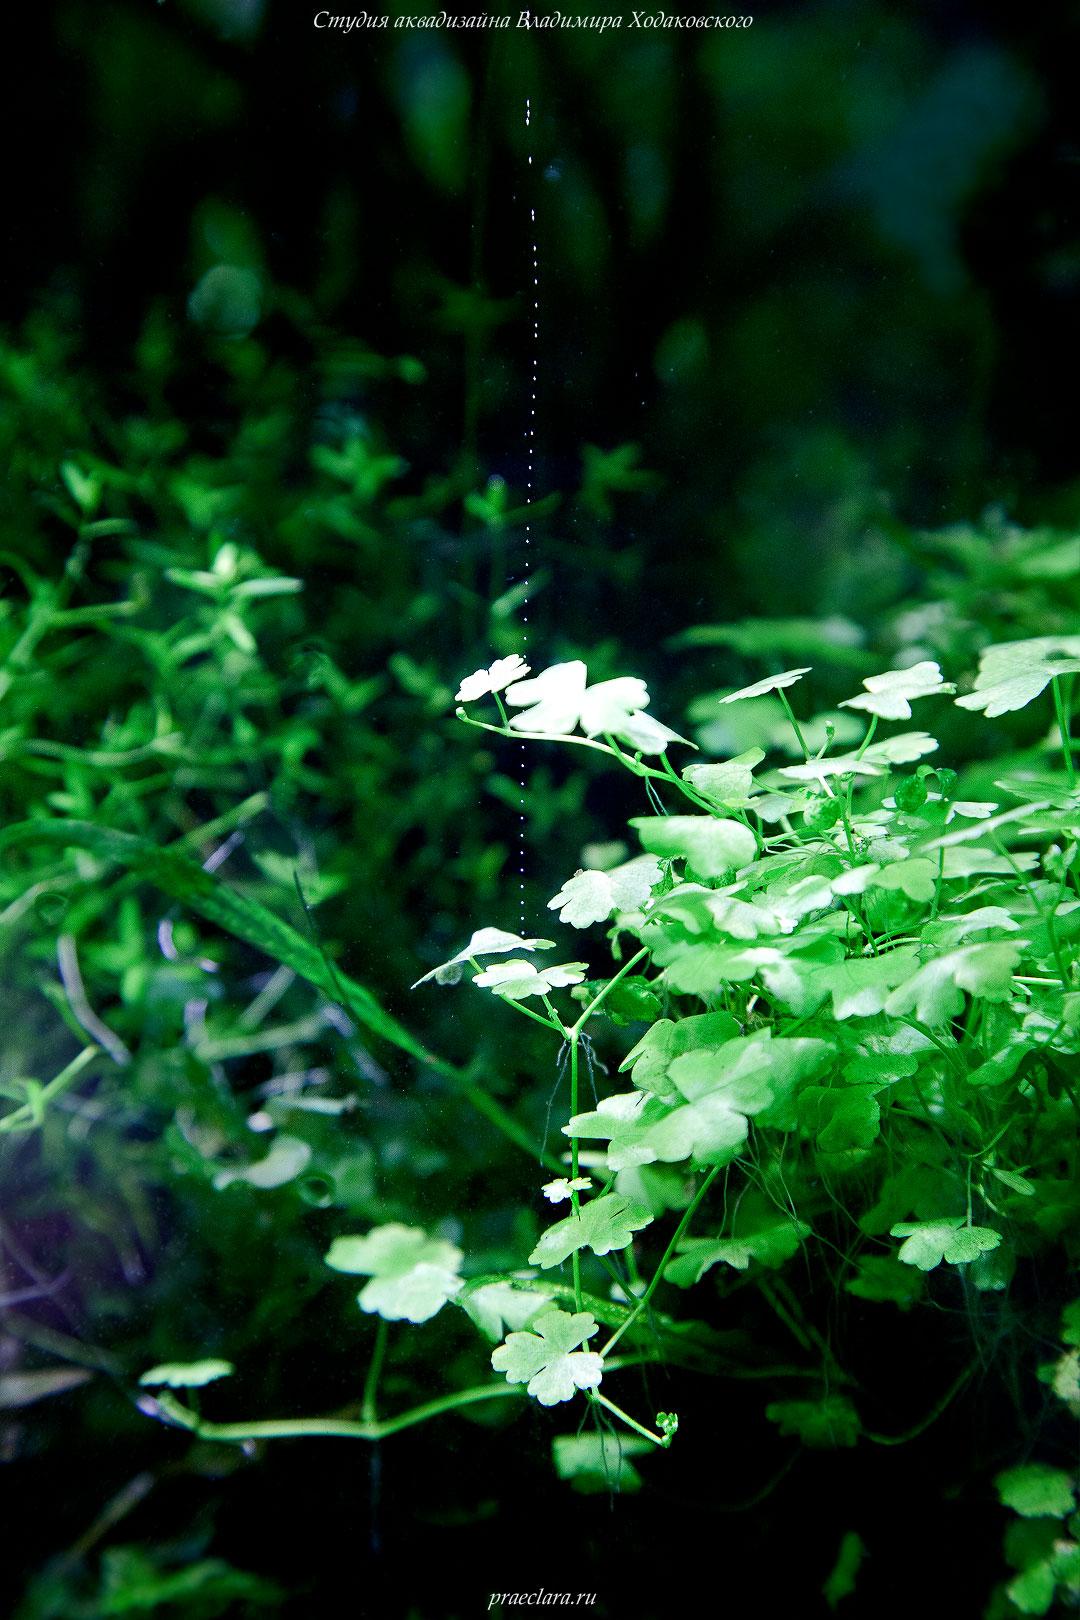 Гидрокотила трипартита (Hydrocotyle tripartita)